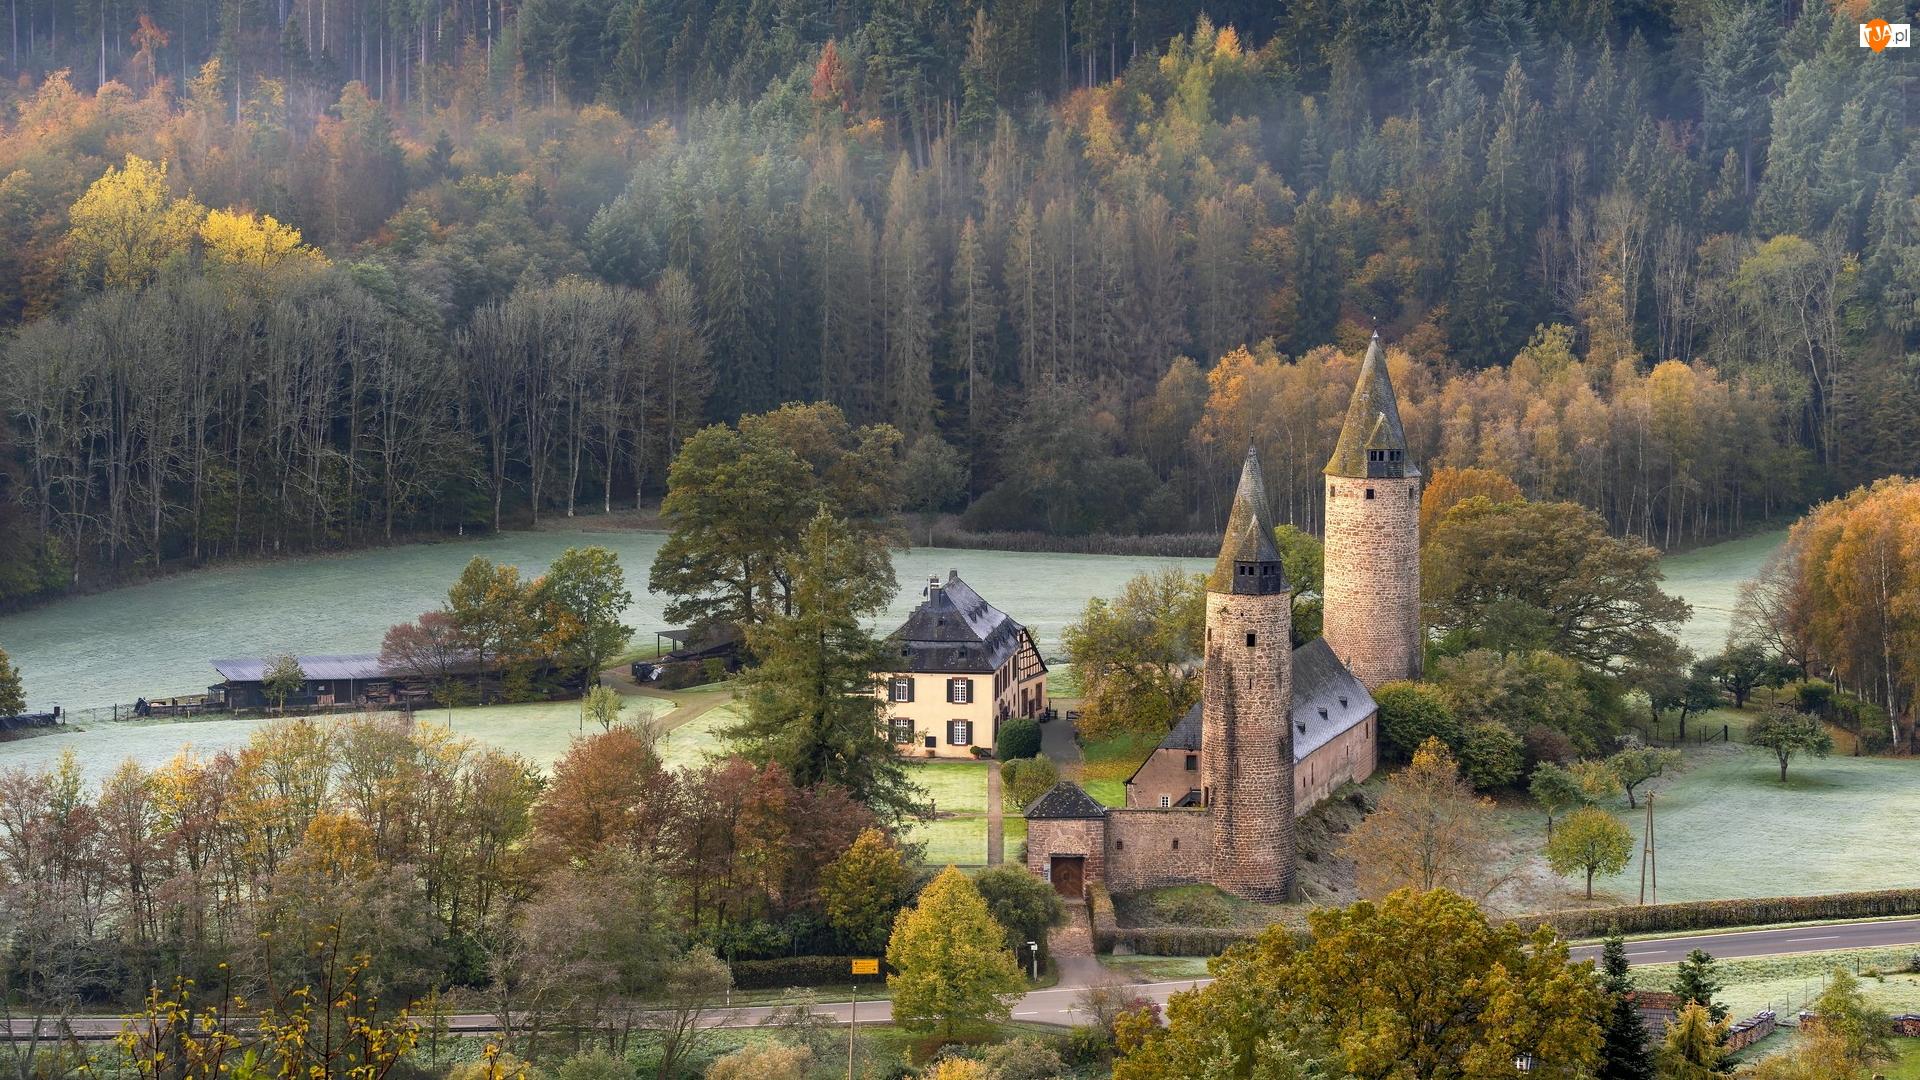 Dom, Zamek w Burch, Drzewa, Niemcy, Las, Nadrenia-Palatynat